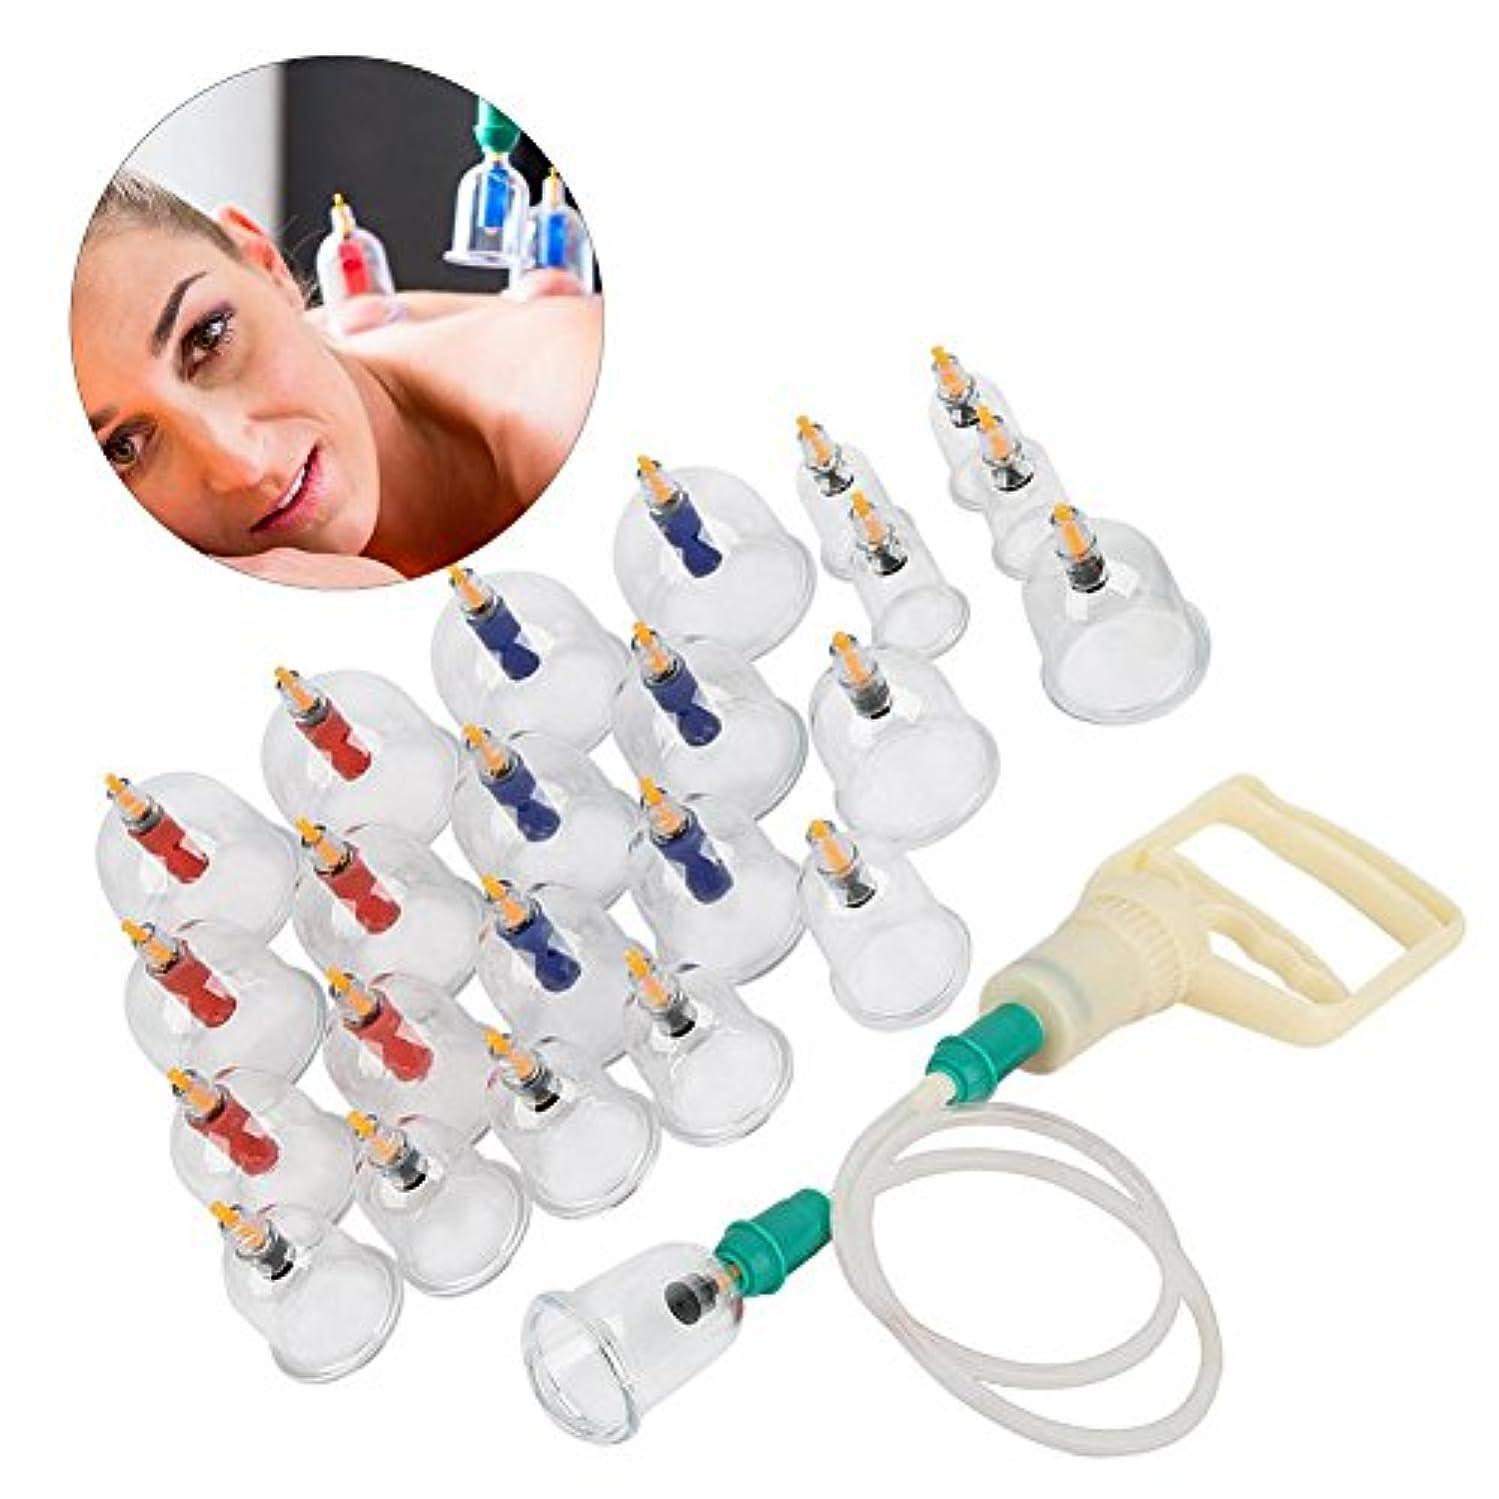 あそこ医師まとめるマッサージ用サクションカップ、24個のカッピングセットU字カップ中国式真空カッピングセットマッサージキット